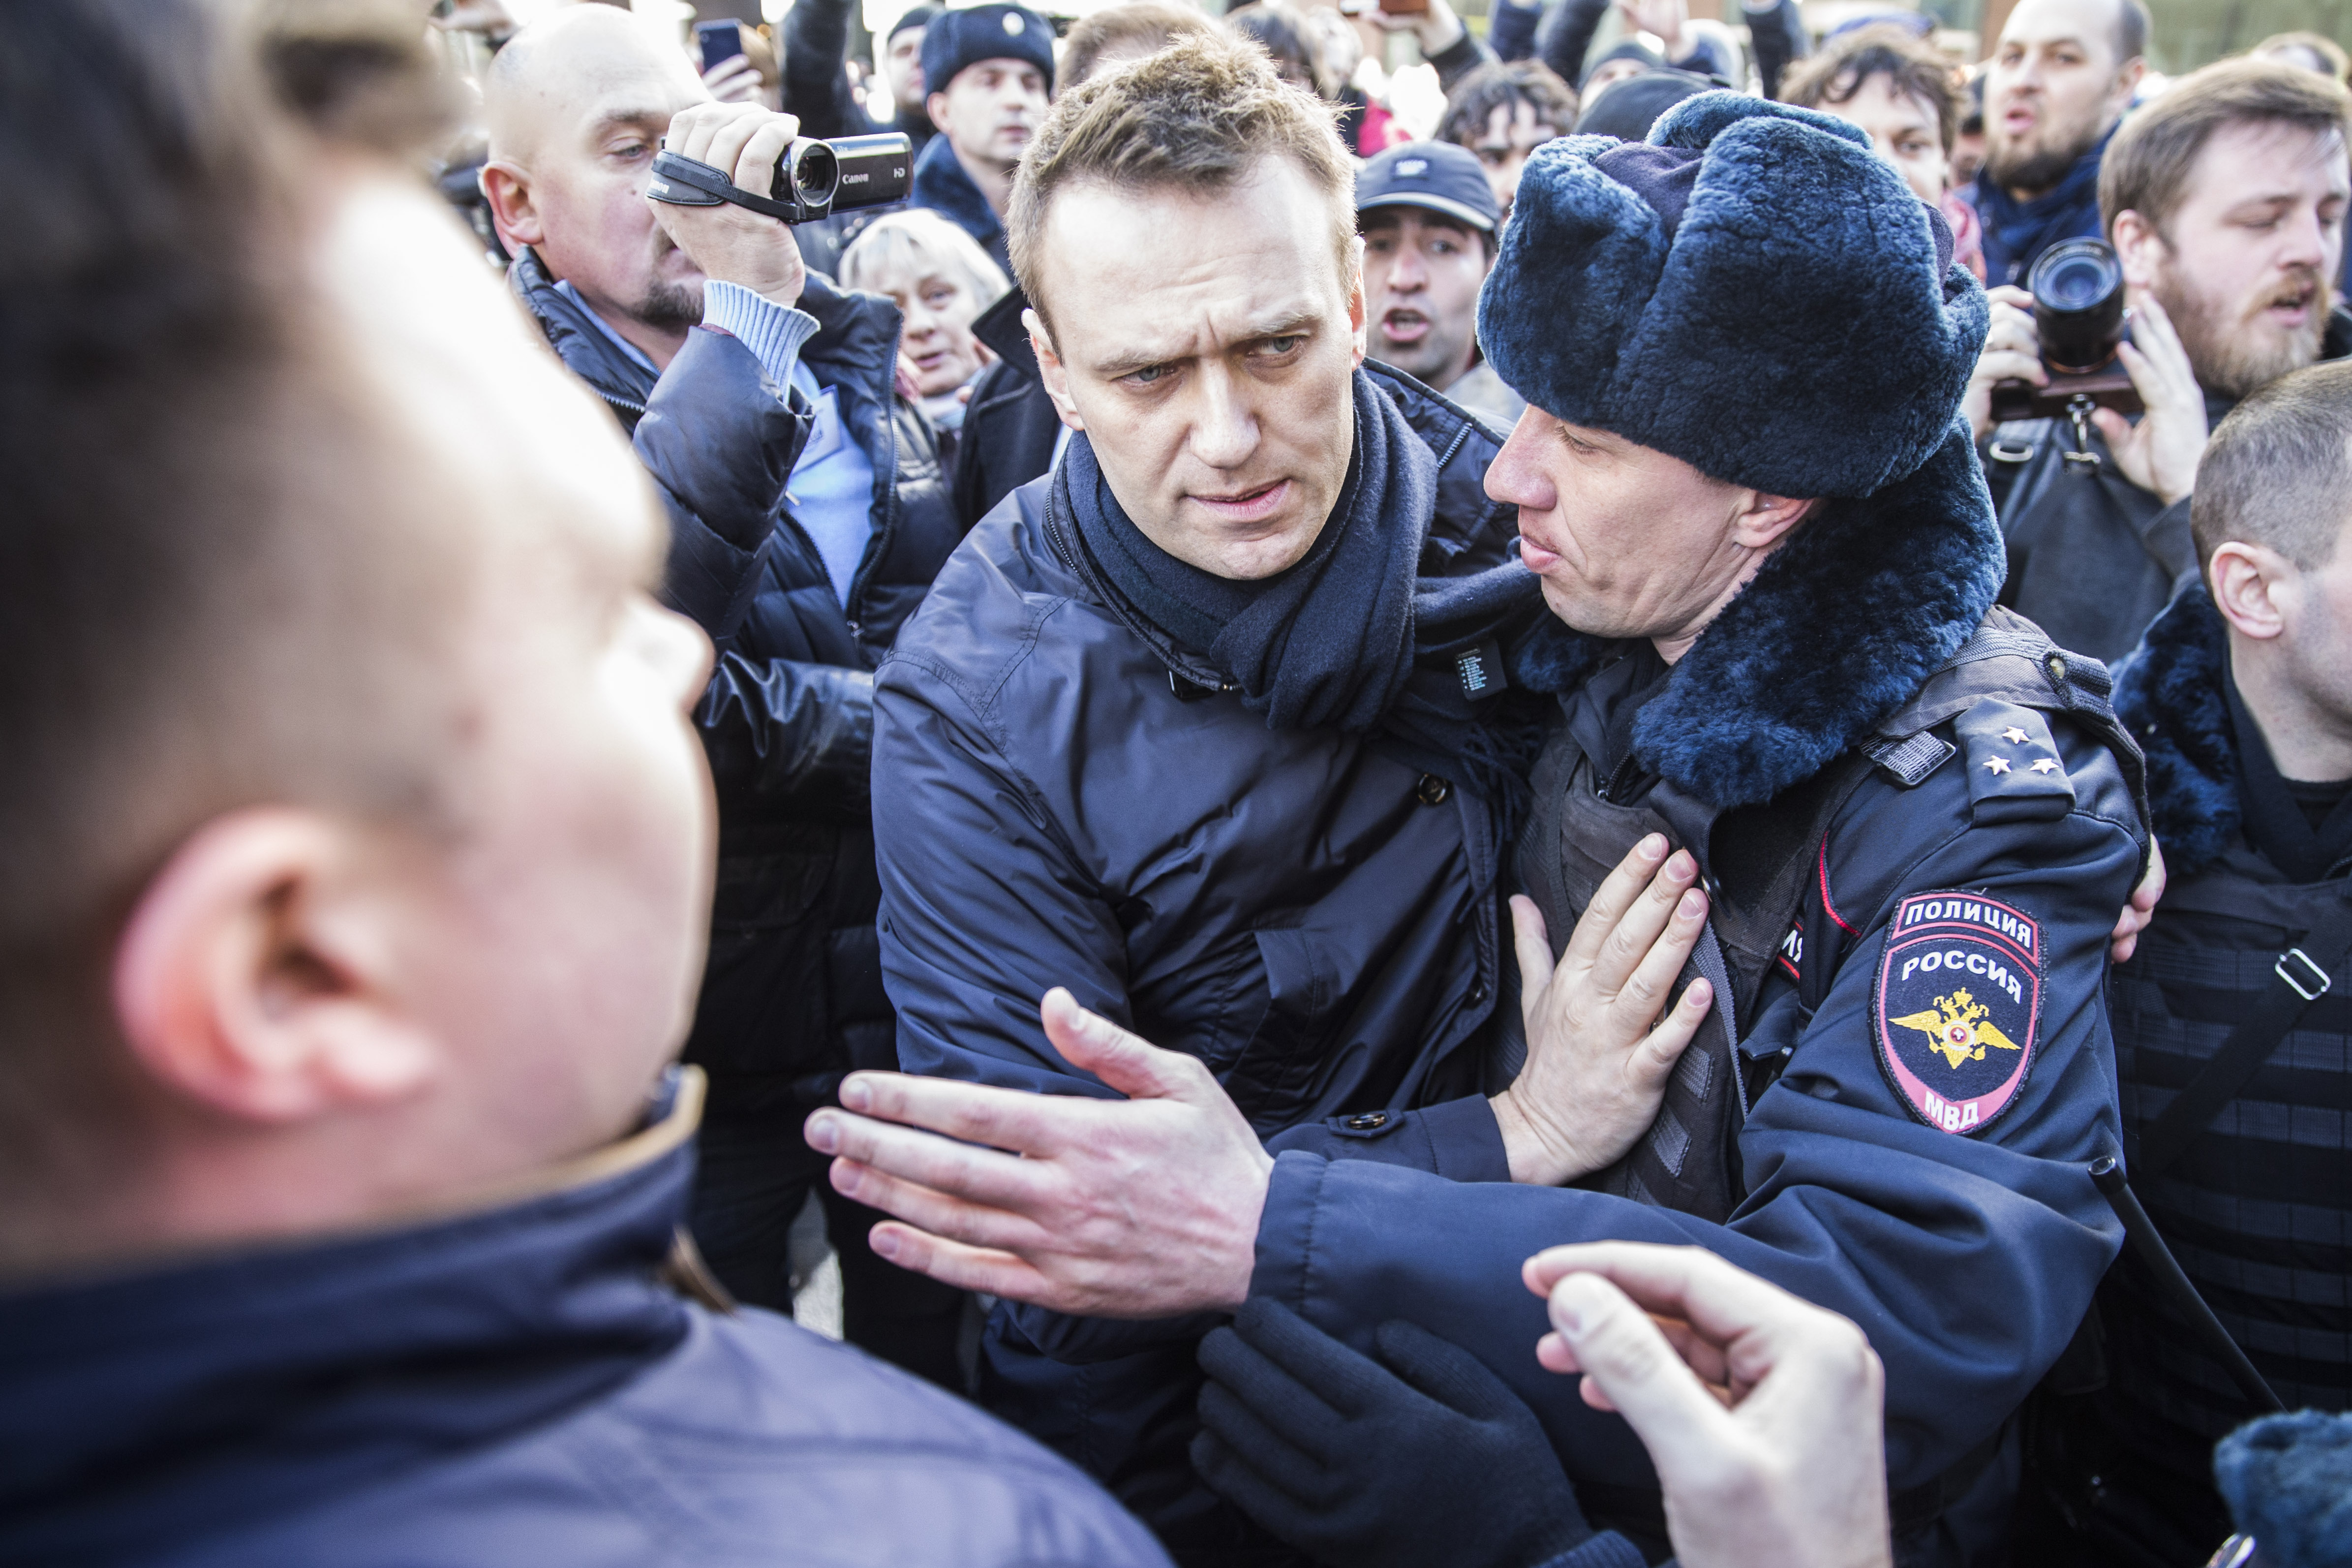 Die Zeit: A német kormány biztos benne, hogy az orosz titkosszolgálatok meg akarták ölni Navalnijt